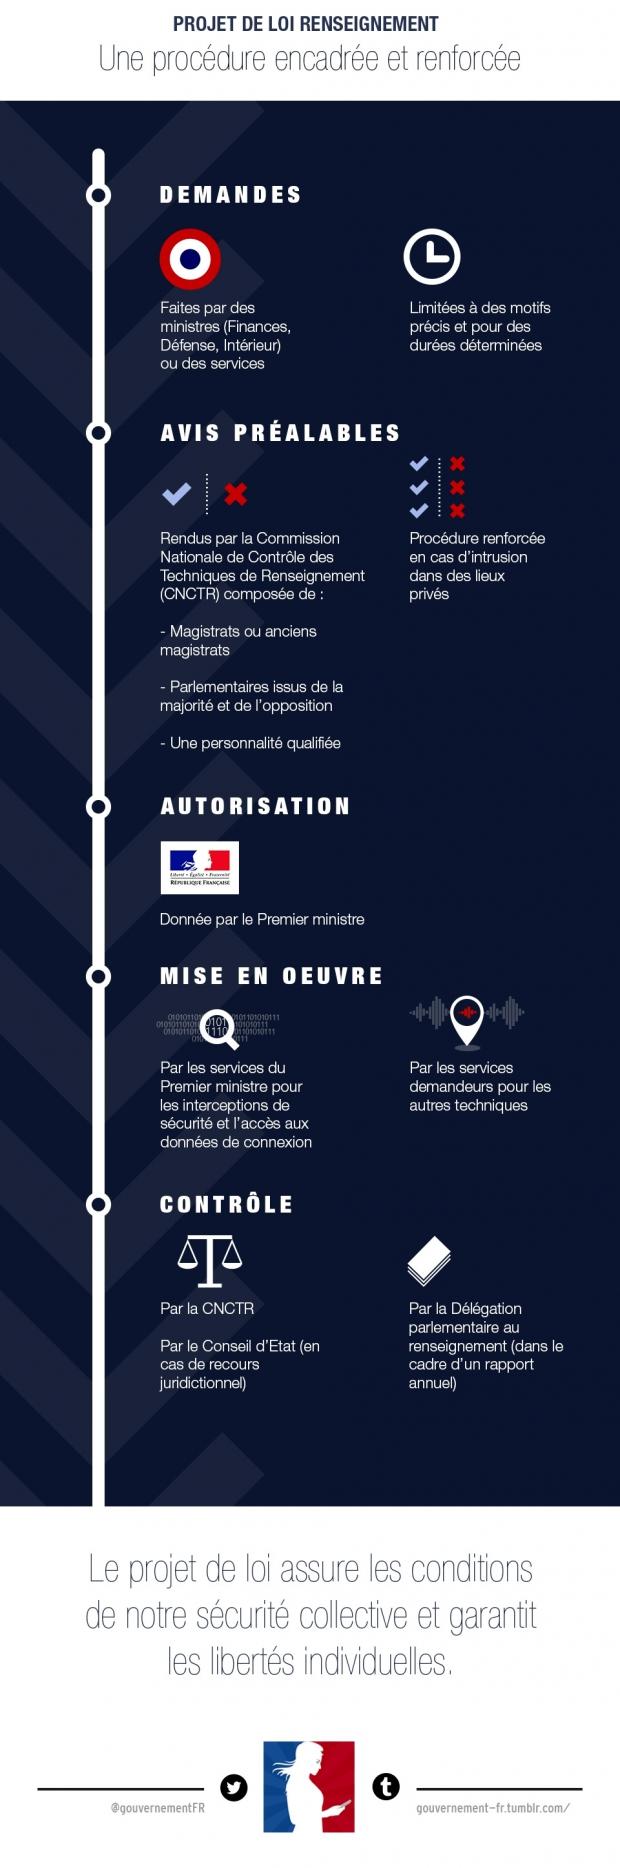 infographie sur le projet de loi sur le renseignement  - voir en plus grand